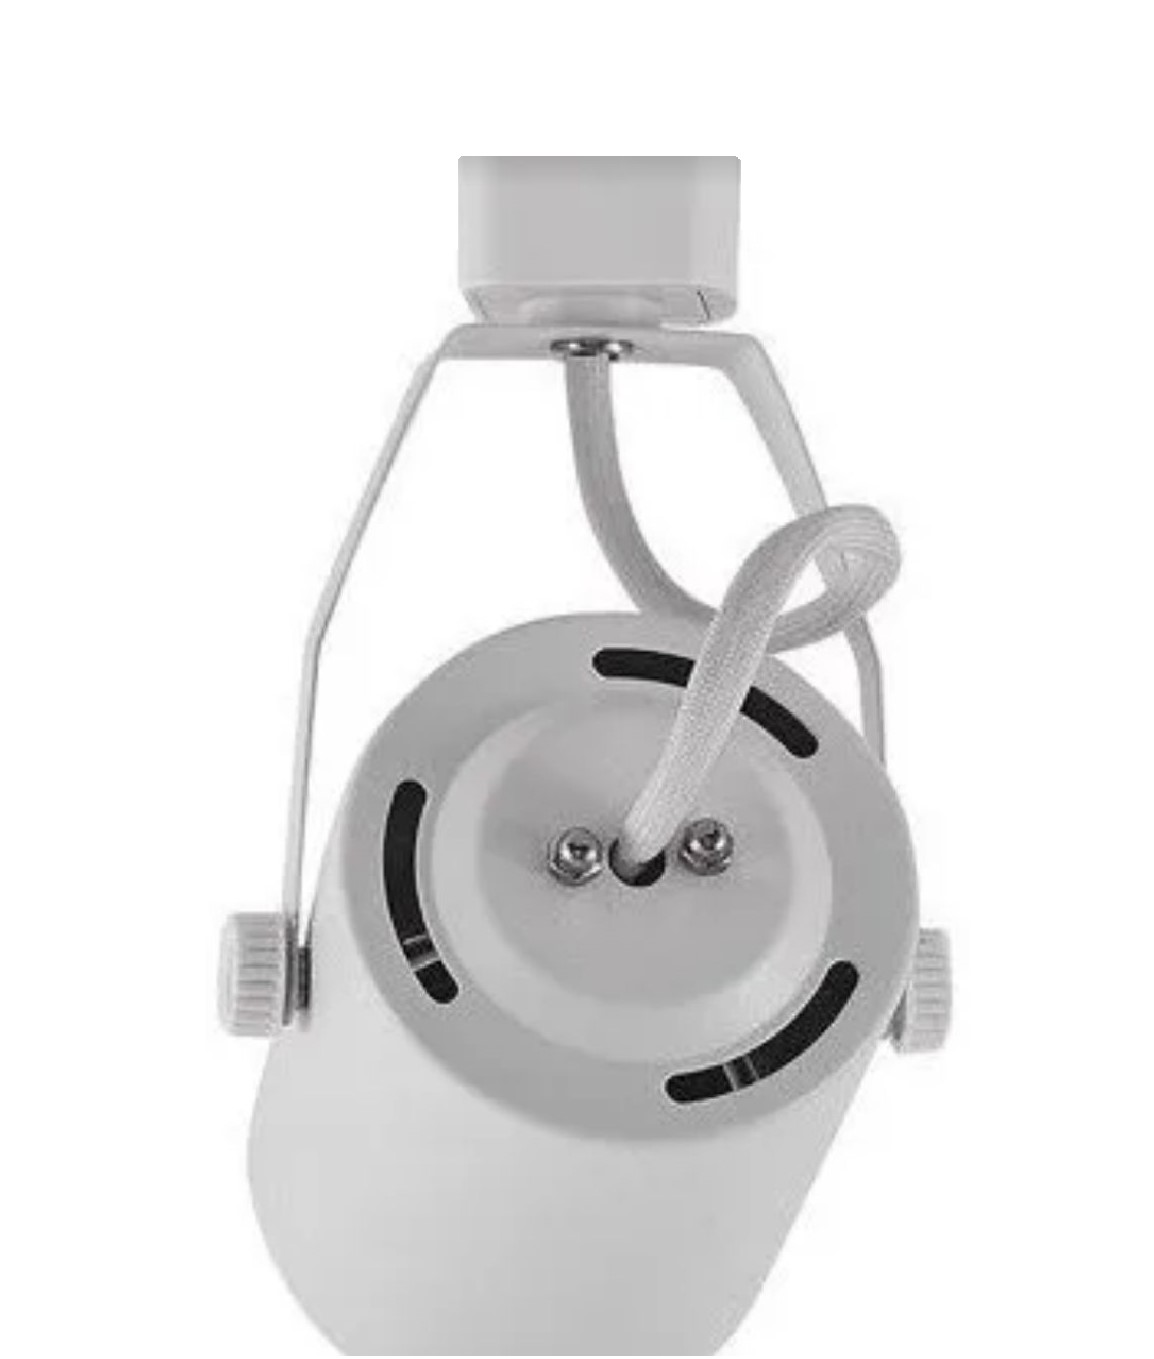 Kit Trilho Eletrificado 2m Branco Lille Nordecor + 4 Spot Par20 Para Sala Quarto Cozinha Quadro